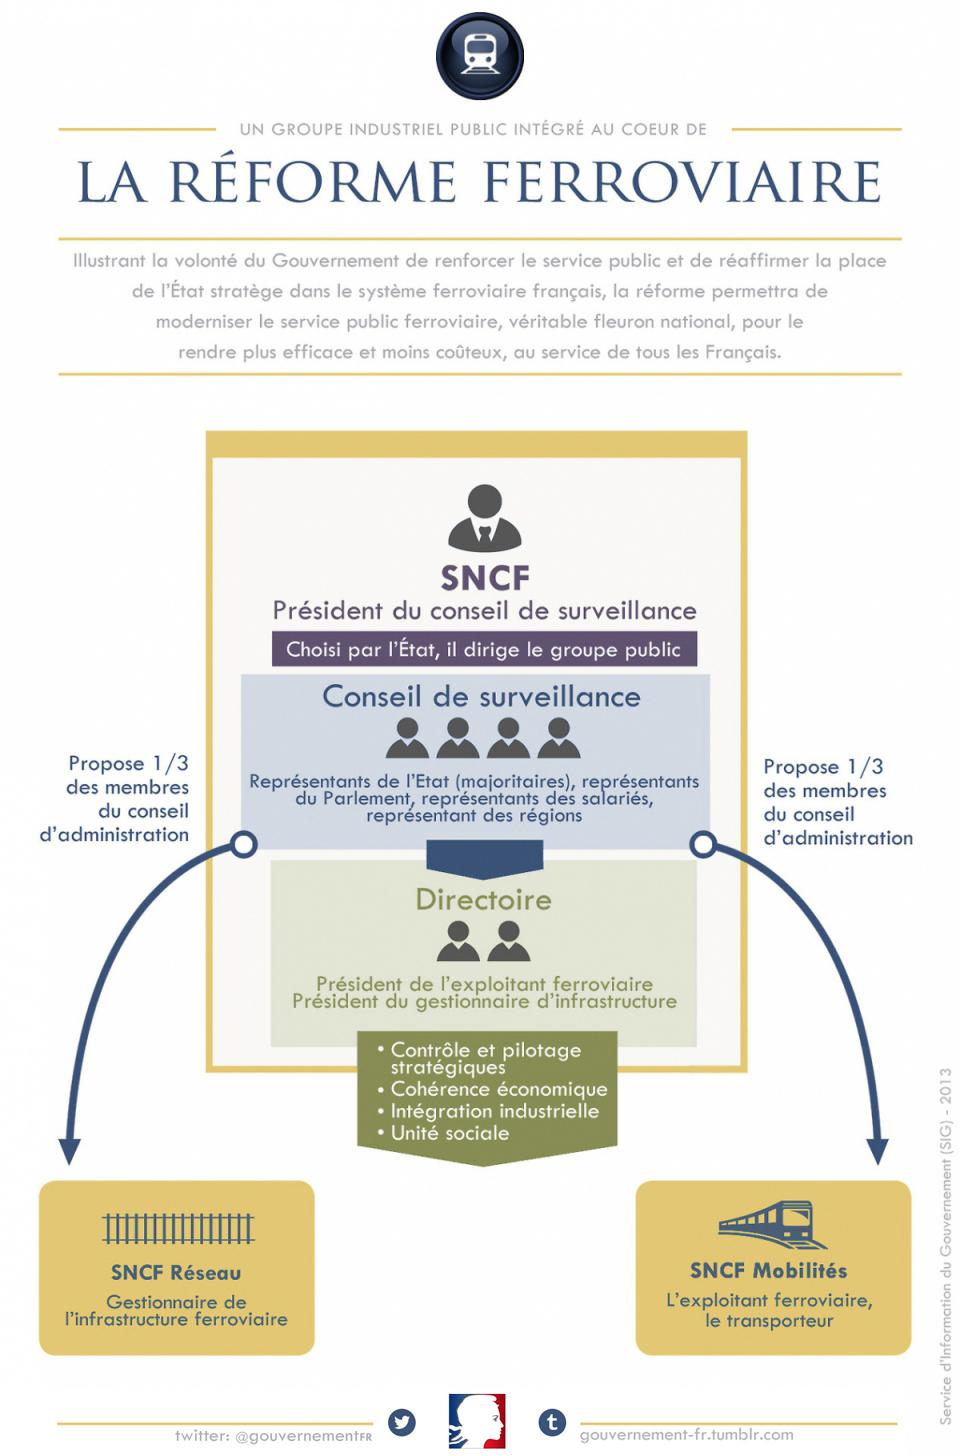 Infographie sur la réforme ferroviaire - voir en plus grand